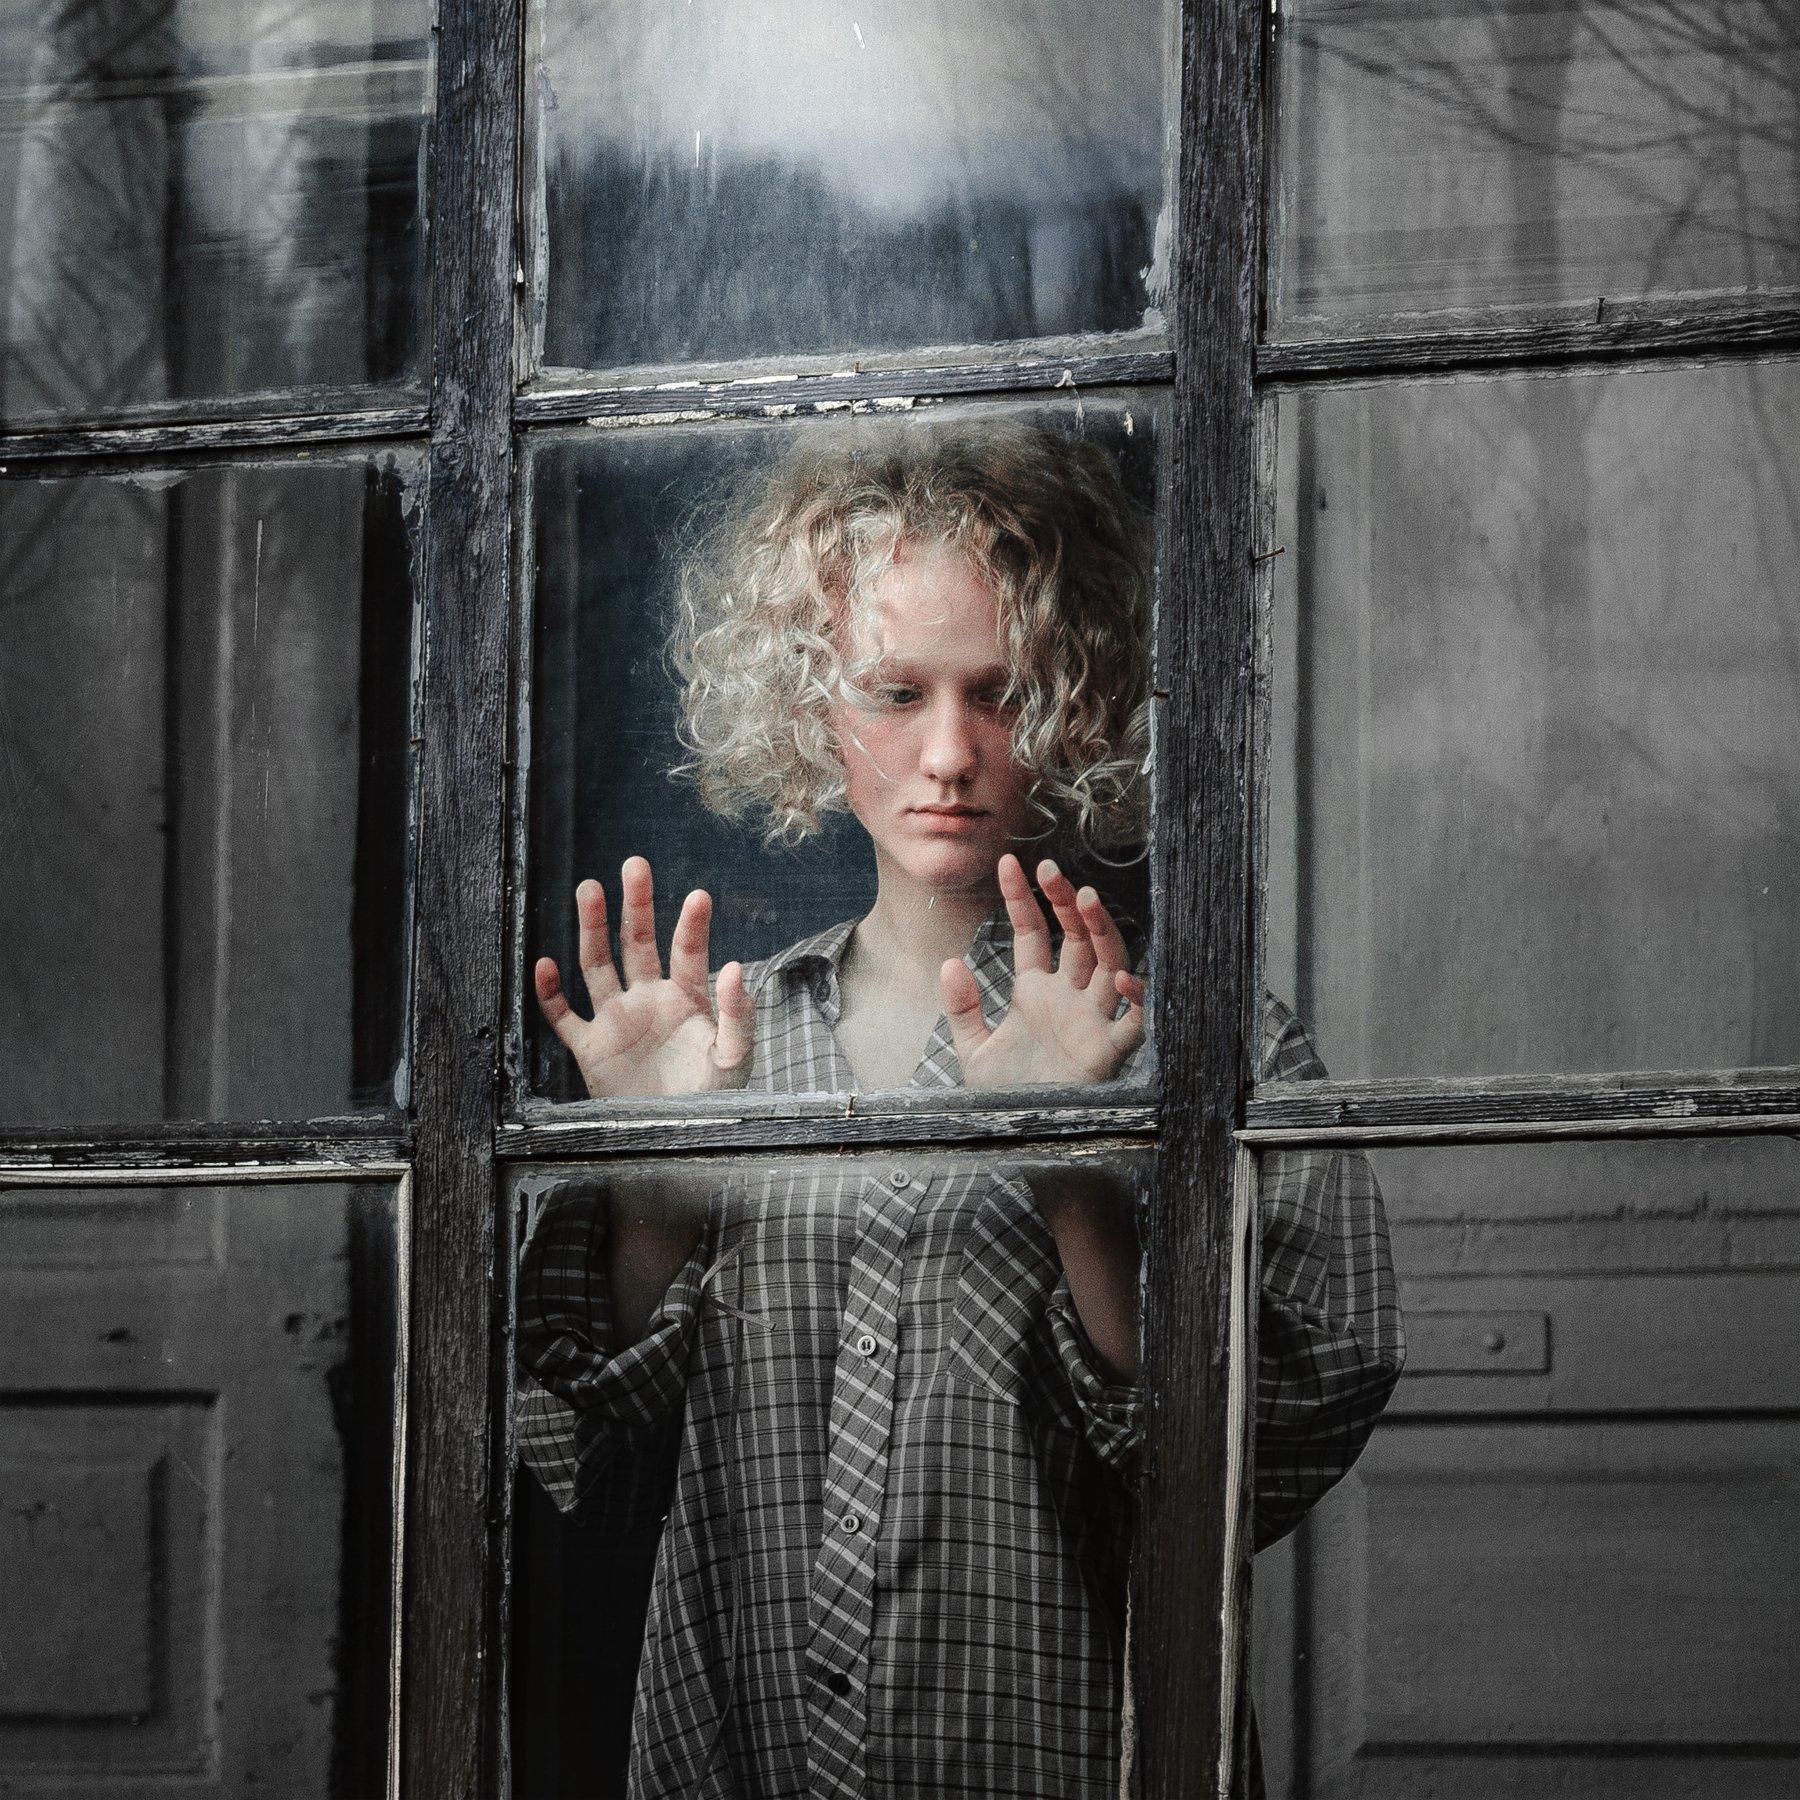 girl, hands, glass, reflection, light, curls, look, silence, art, portrait, russia, krasnodar, Васильев Андрей